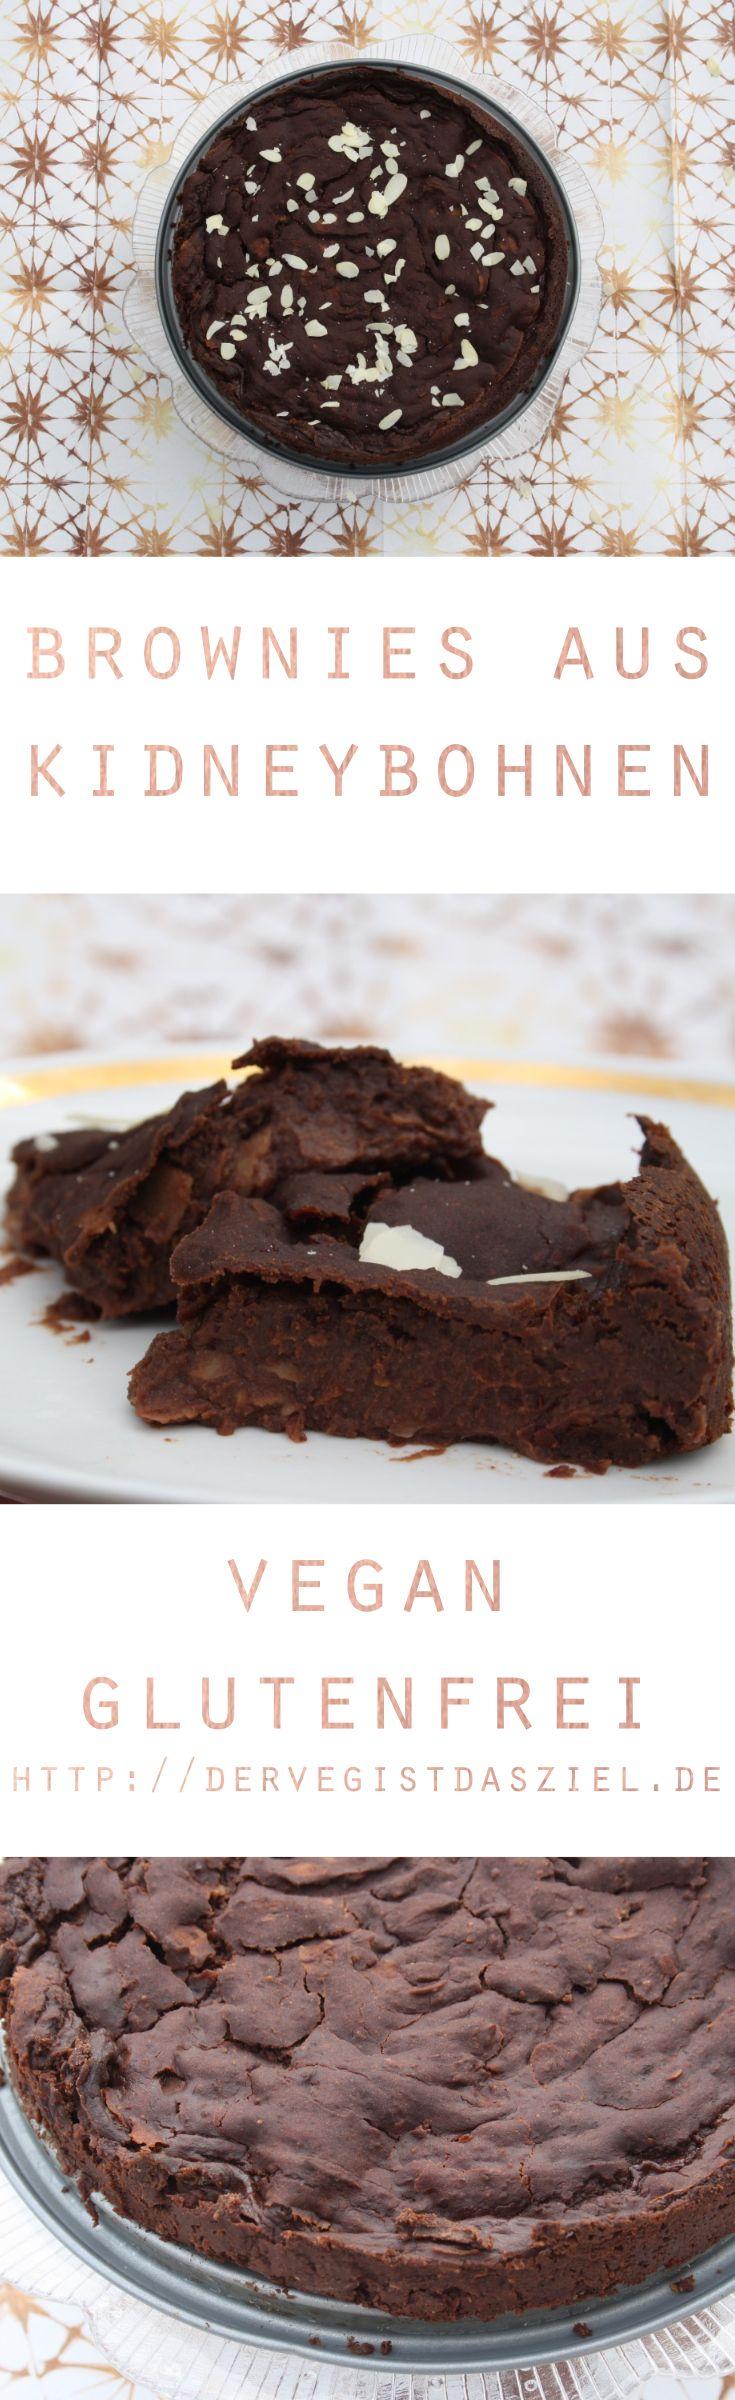 Brownies, vegan, vegane Brownies, Kidneybohnen